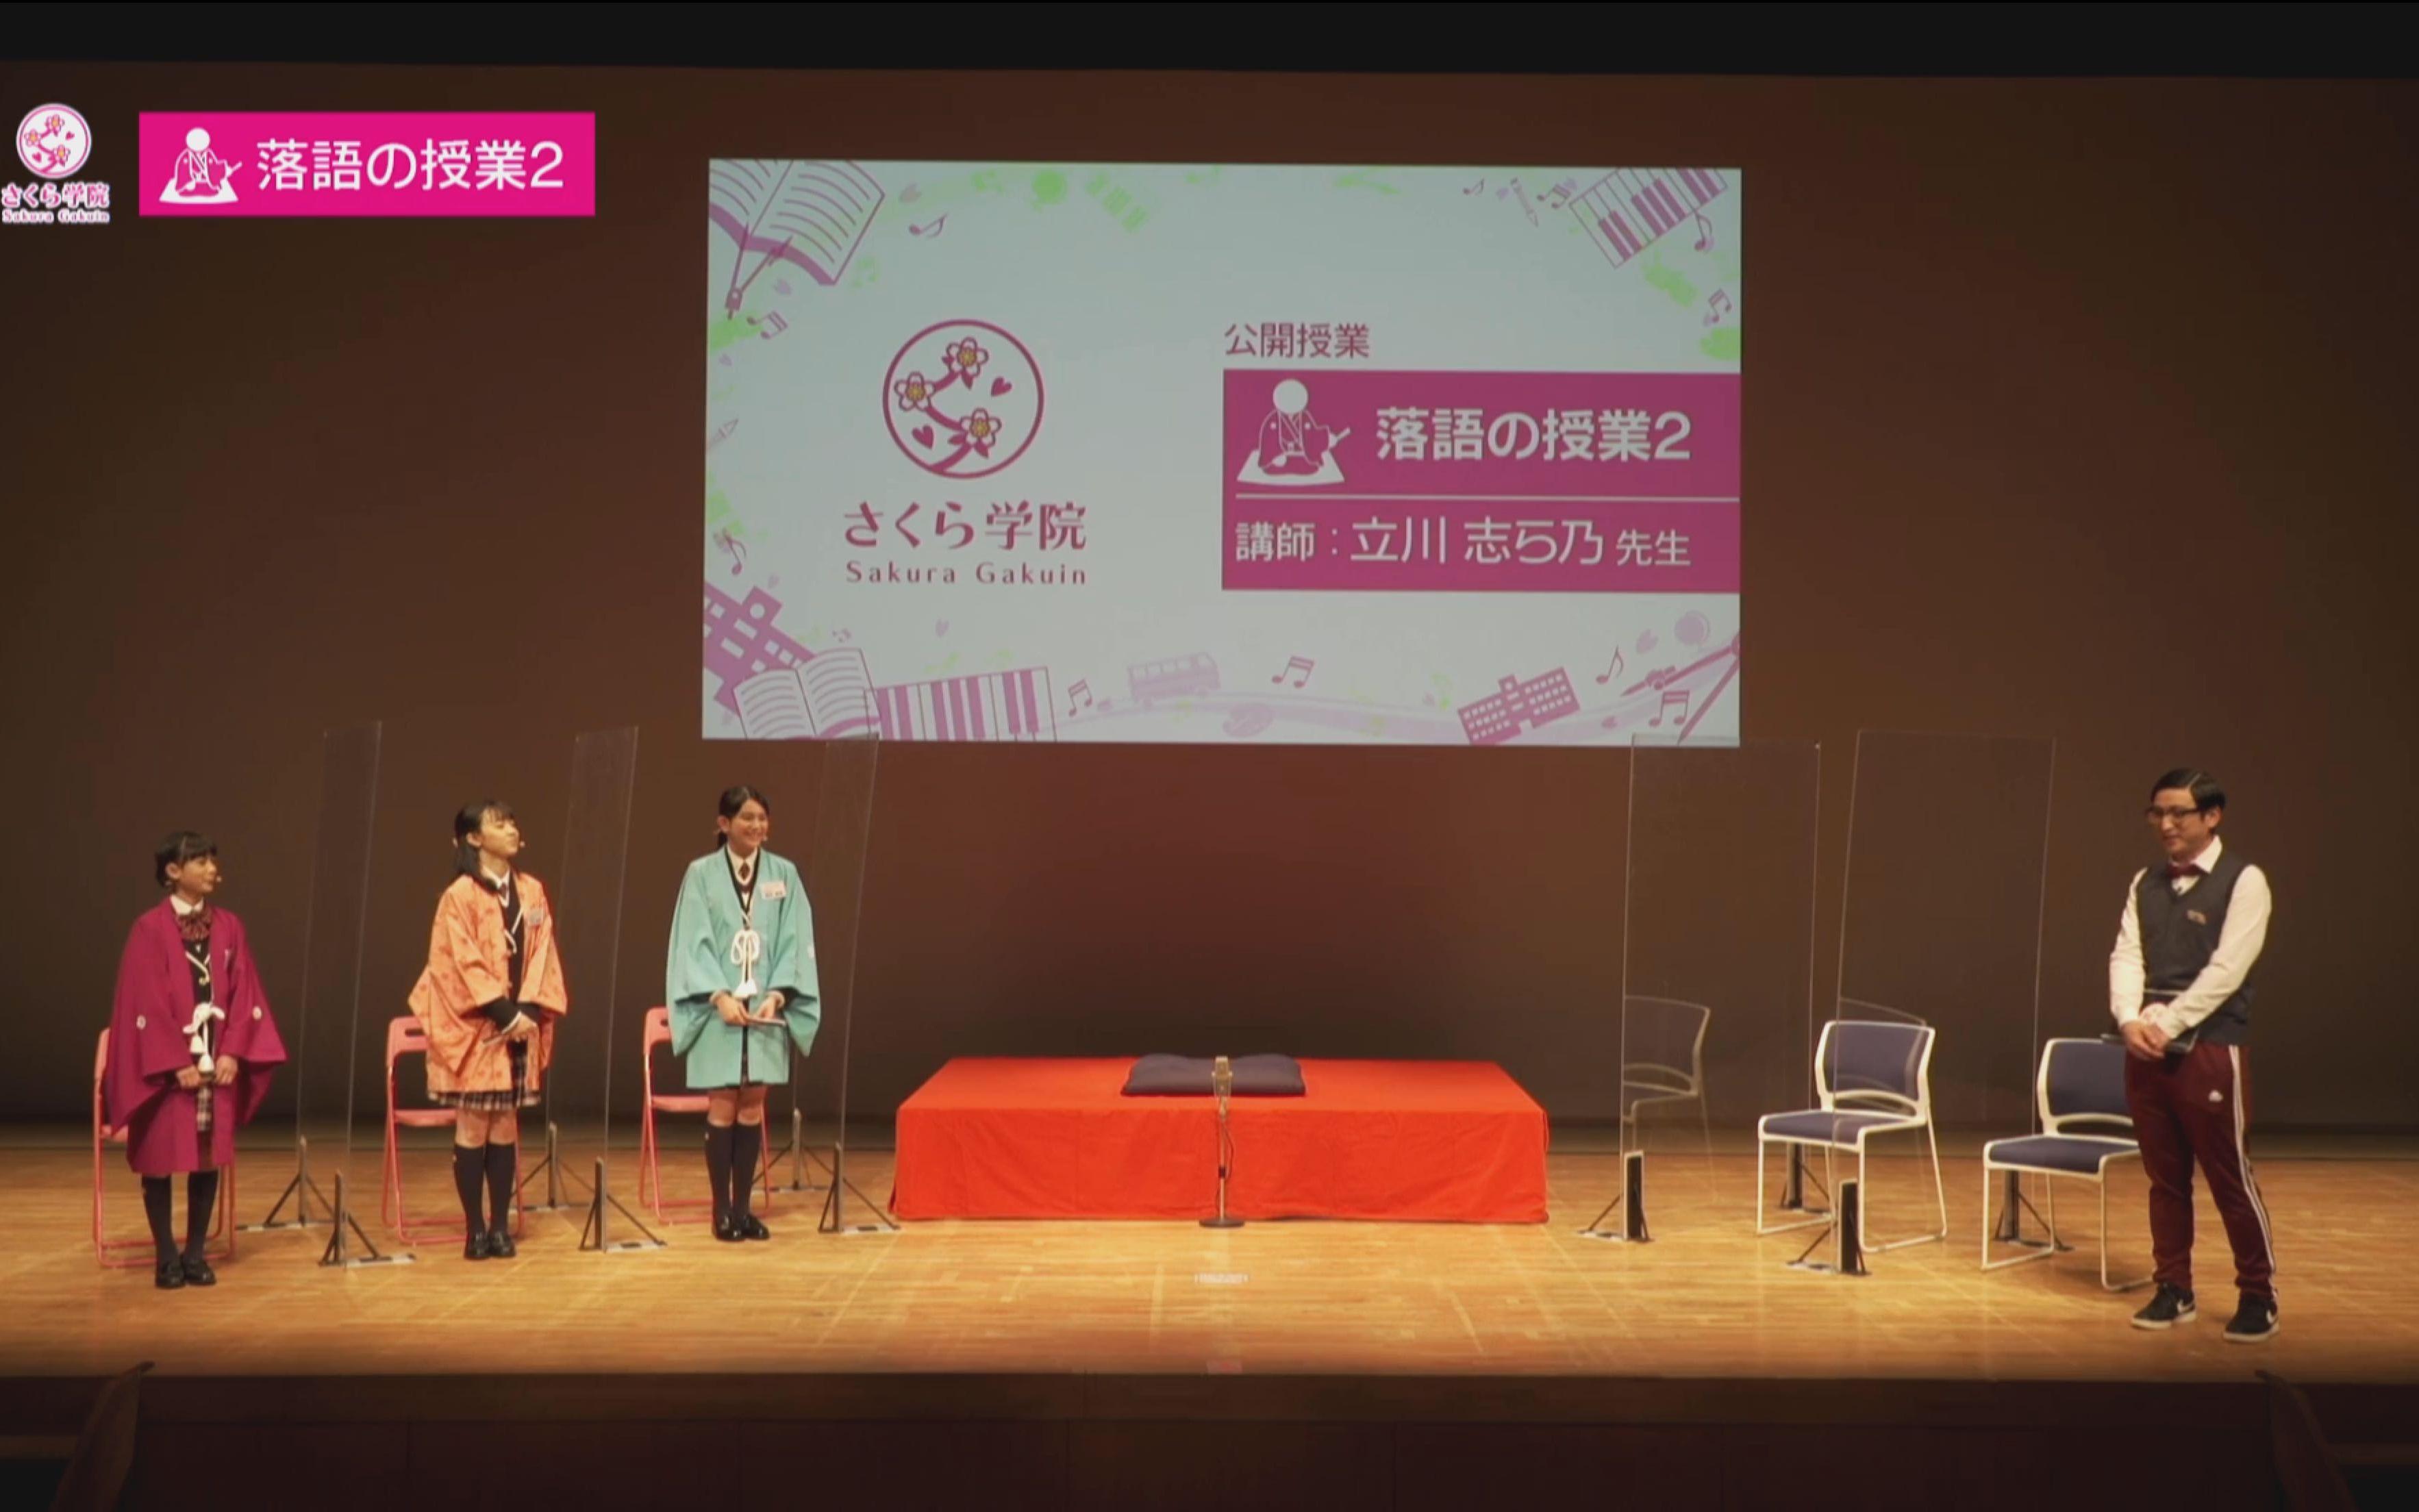 さくら学院 公開授業「落語の授業 2」1時限目 Rakugo1